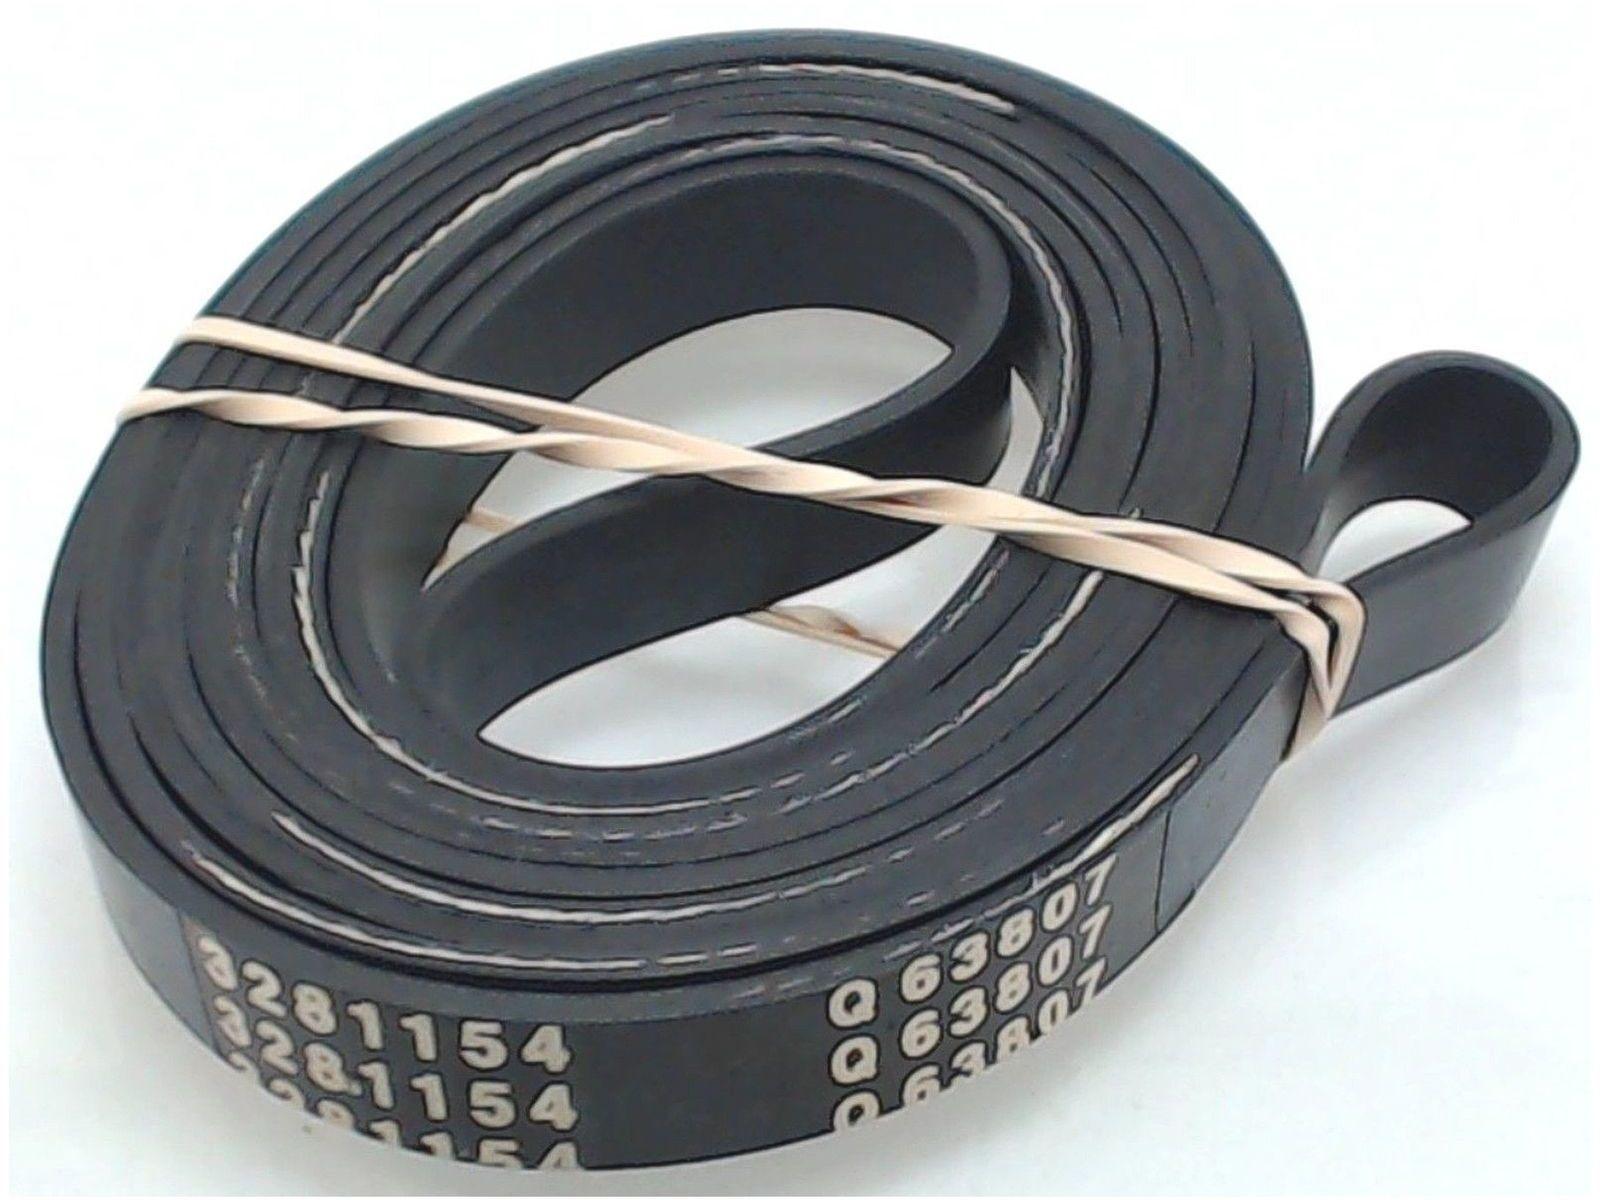 SRT Appliance Parts 5303281154, Dryer Belt Replaces Electrolux